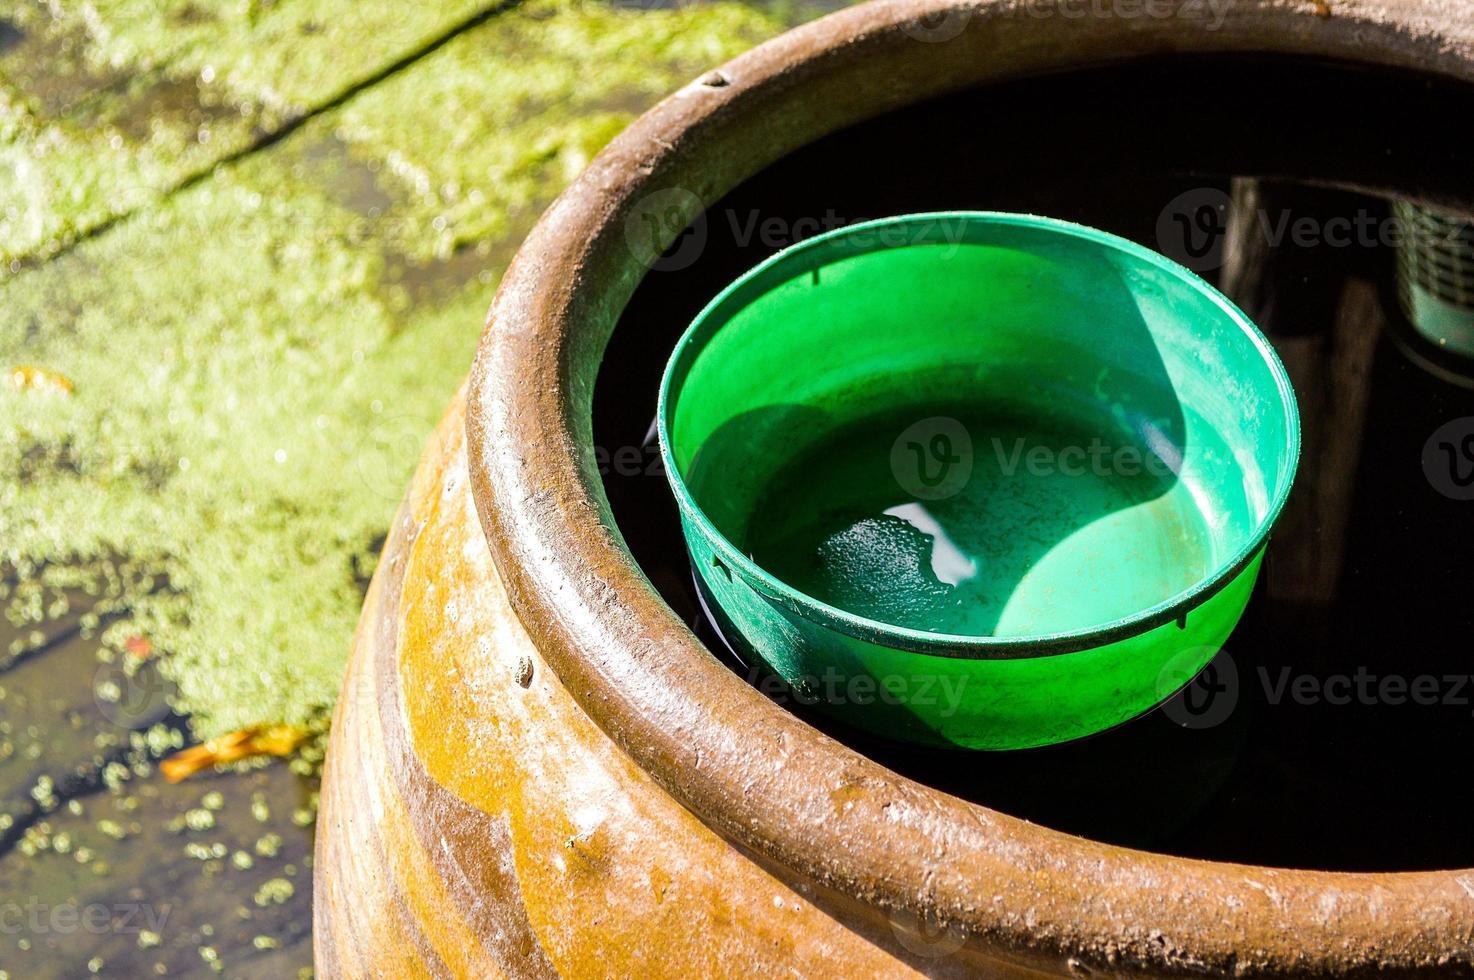 plastvattenskål på vattenburk foto